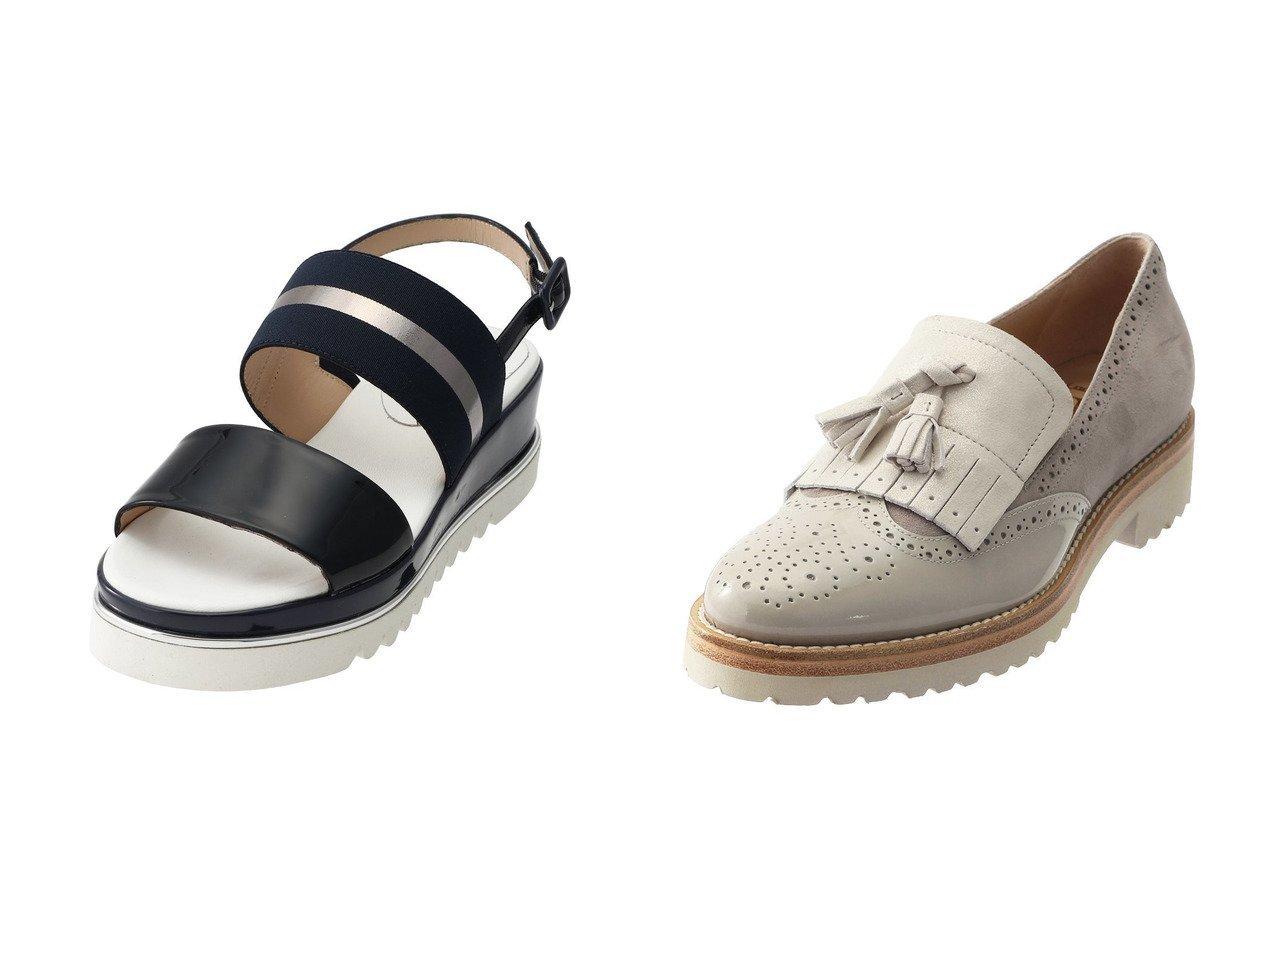 【LucaGrossi/ルカグロッシ】のタッセルキルトローファー&エラスティックダブルベルトサンダル シューズ・靴のおすすめ!人気、トレンド・レディースファッションの通販 おすすめで人気の流行・トレンド、ファッションの通販商品 メンズファッション・キッズファッション・インテリア・家具・レディースファッション・服の通販 founy(ファニー) https://founy.com/ ファッション Fashion レディースファッション WOMEN ベルト Belts おすすめ Recommend アウトドア クッション サンダル ソックス ダブル フィット キルト シューズ タッセル フラット |ID:crp329100000025025